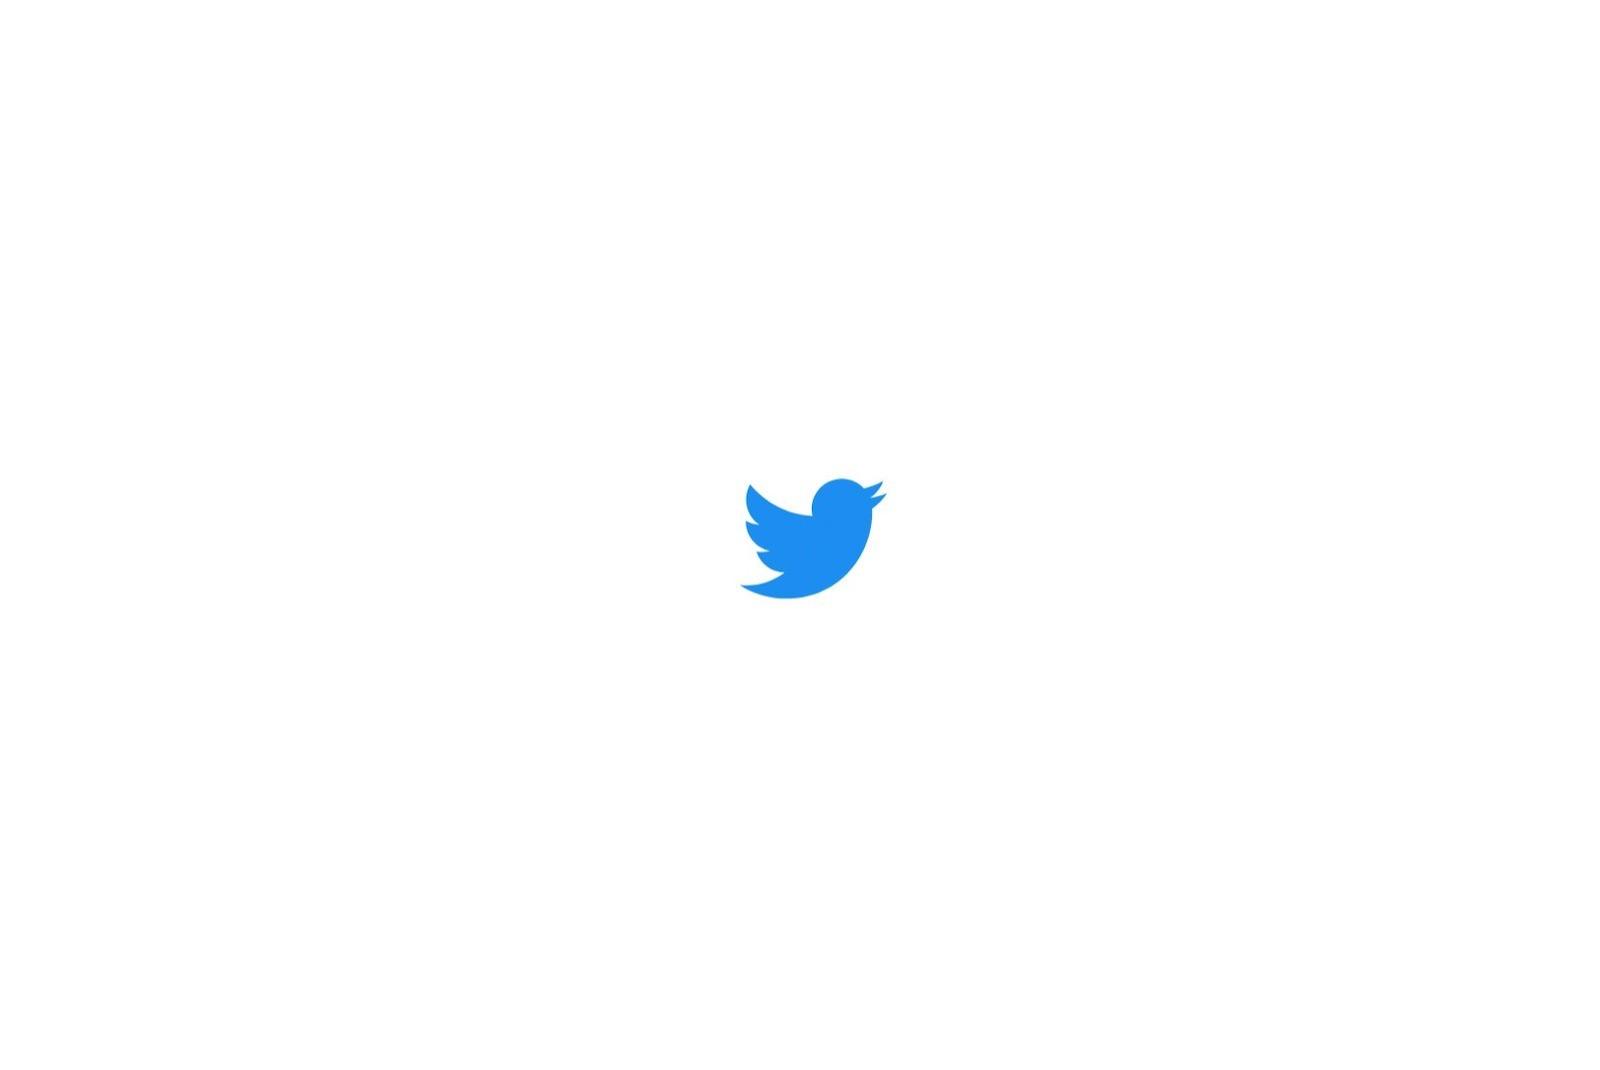 Twitter-is-down.jpg